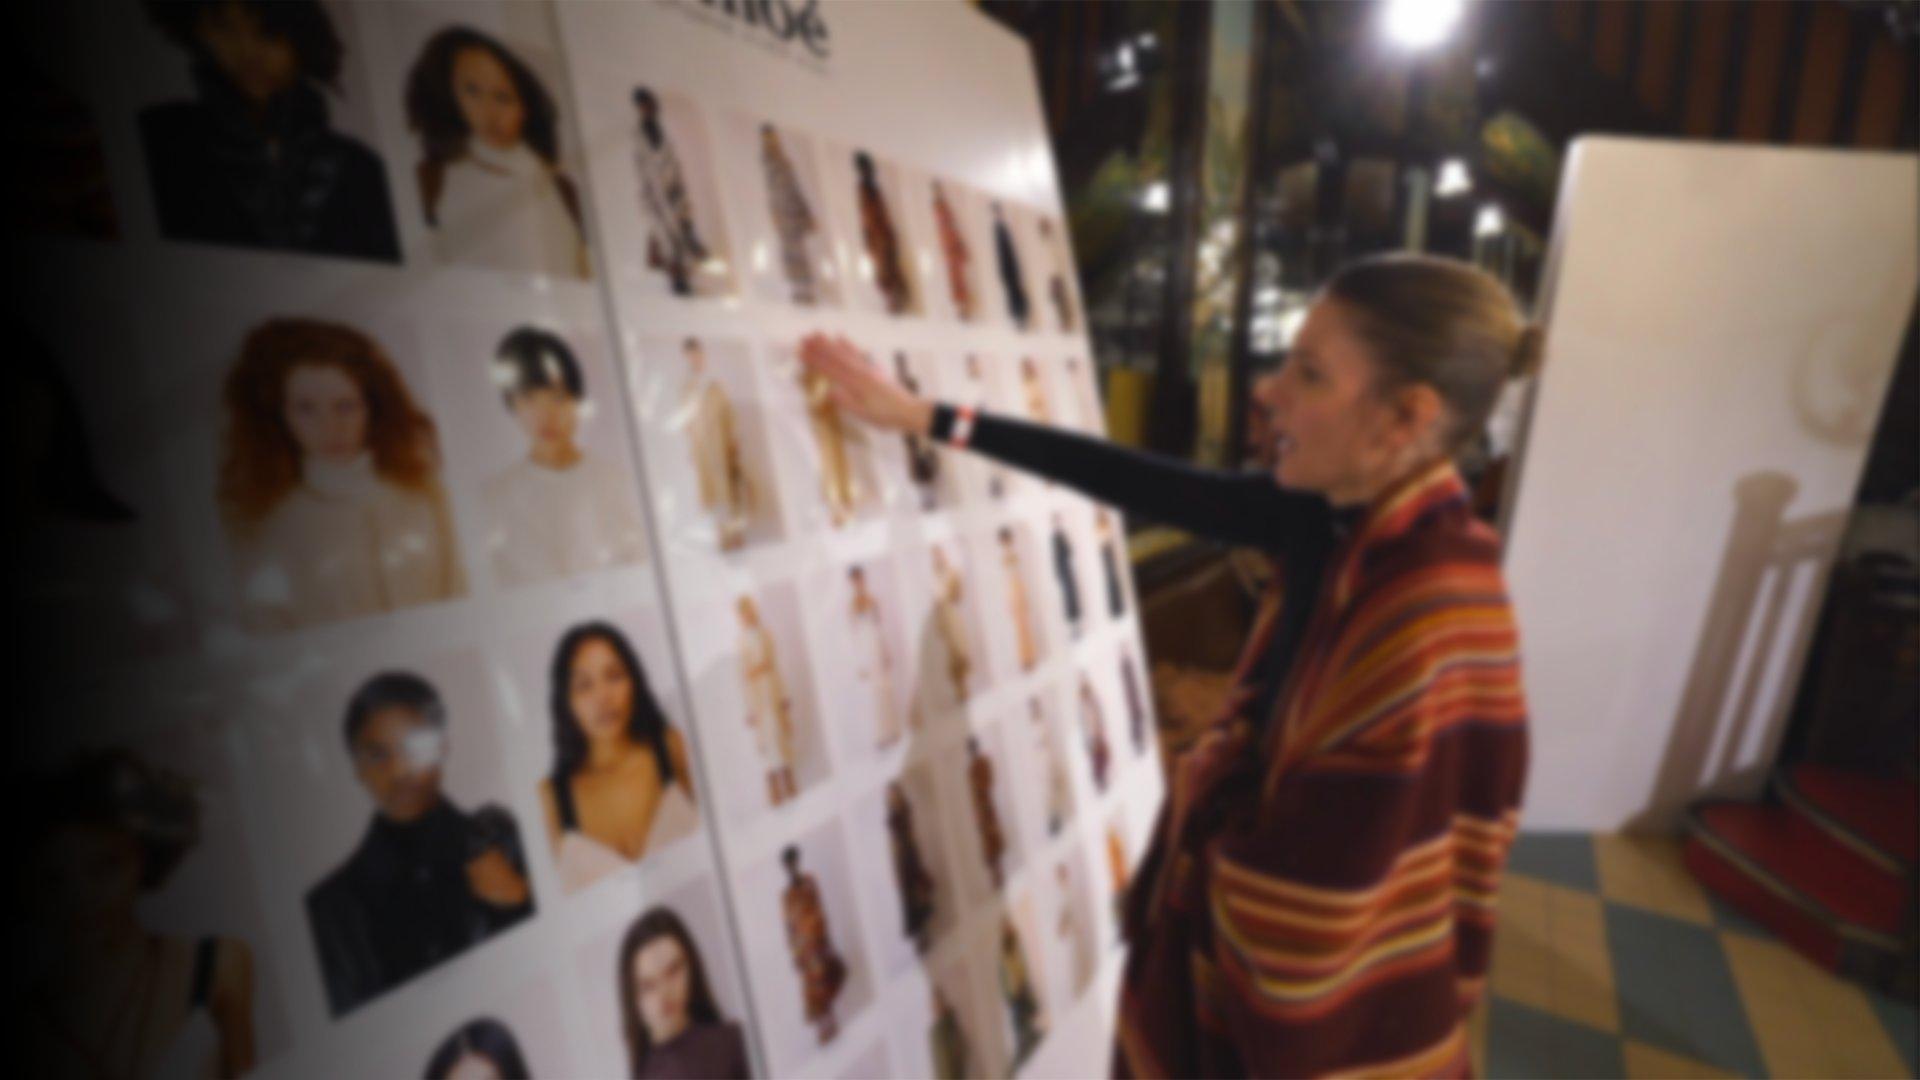 fond 5 minutes de mode by Loïc Prigent du 15 mars 2021 - Chanel et Lanvin